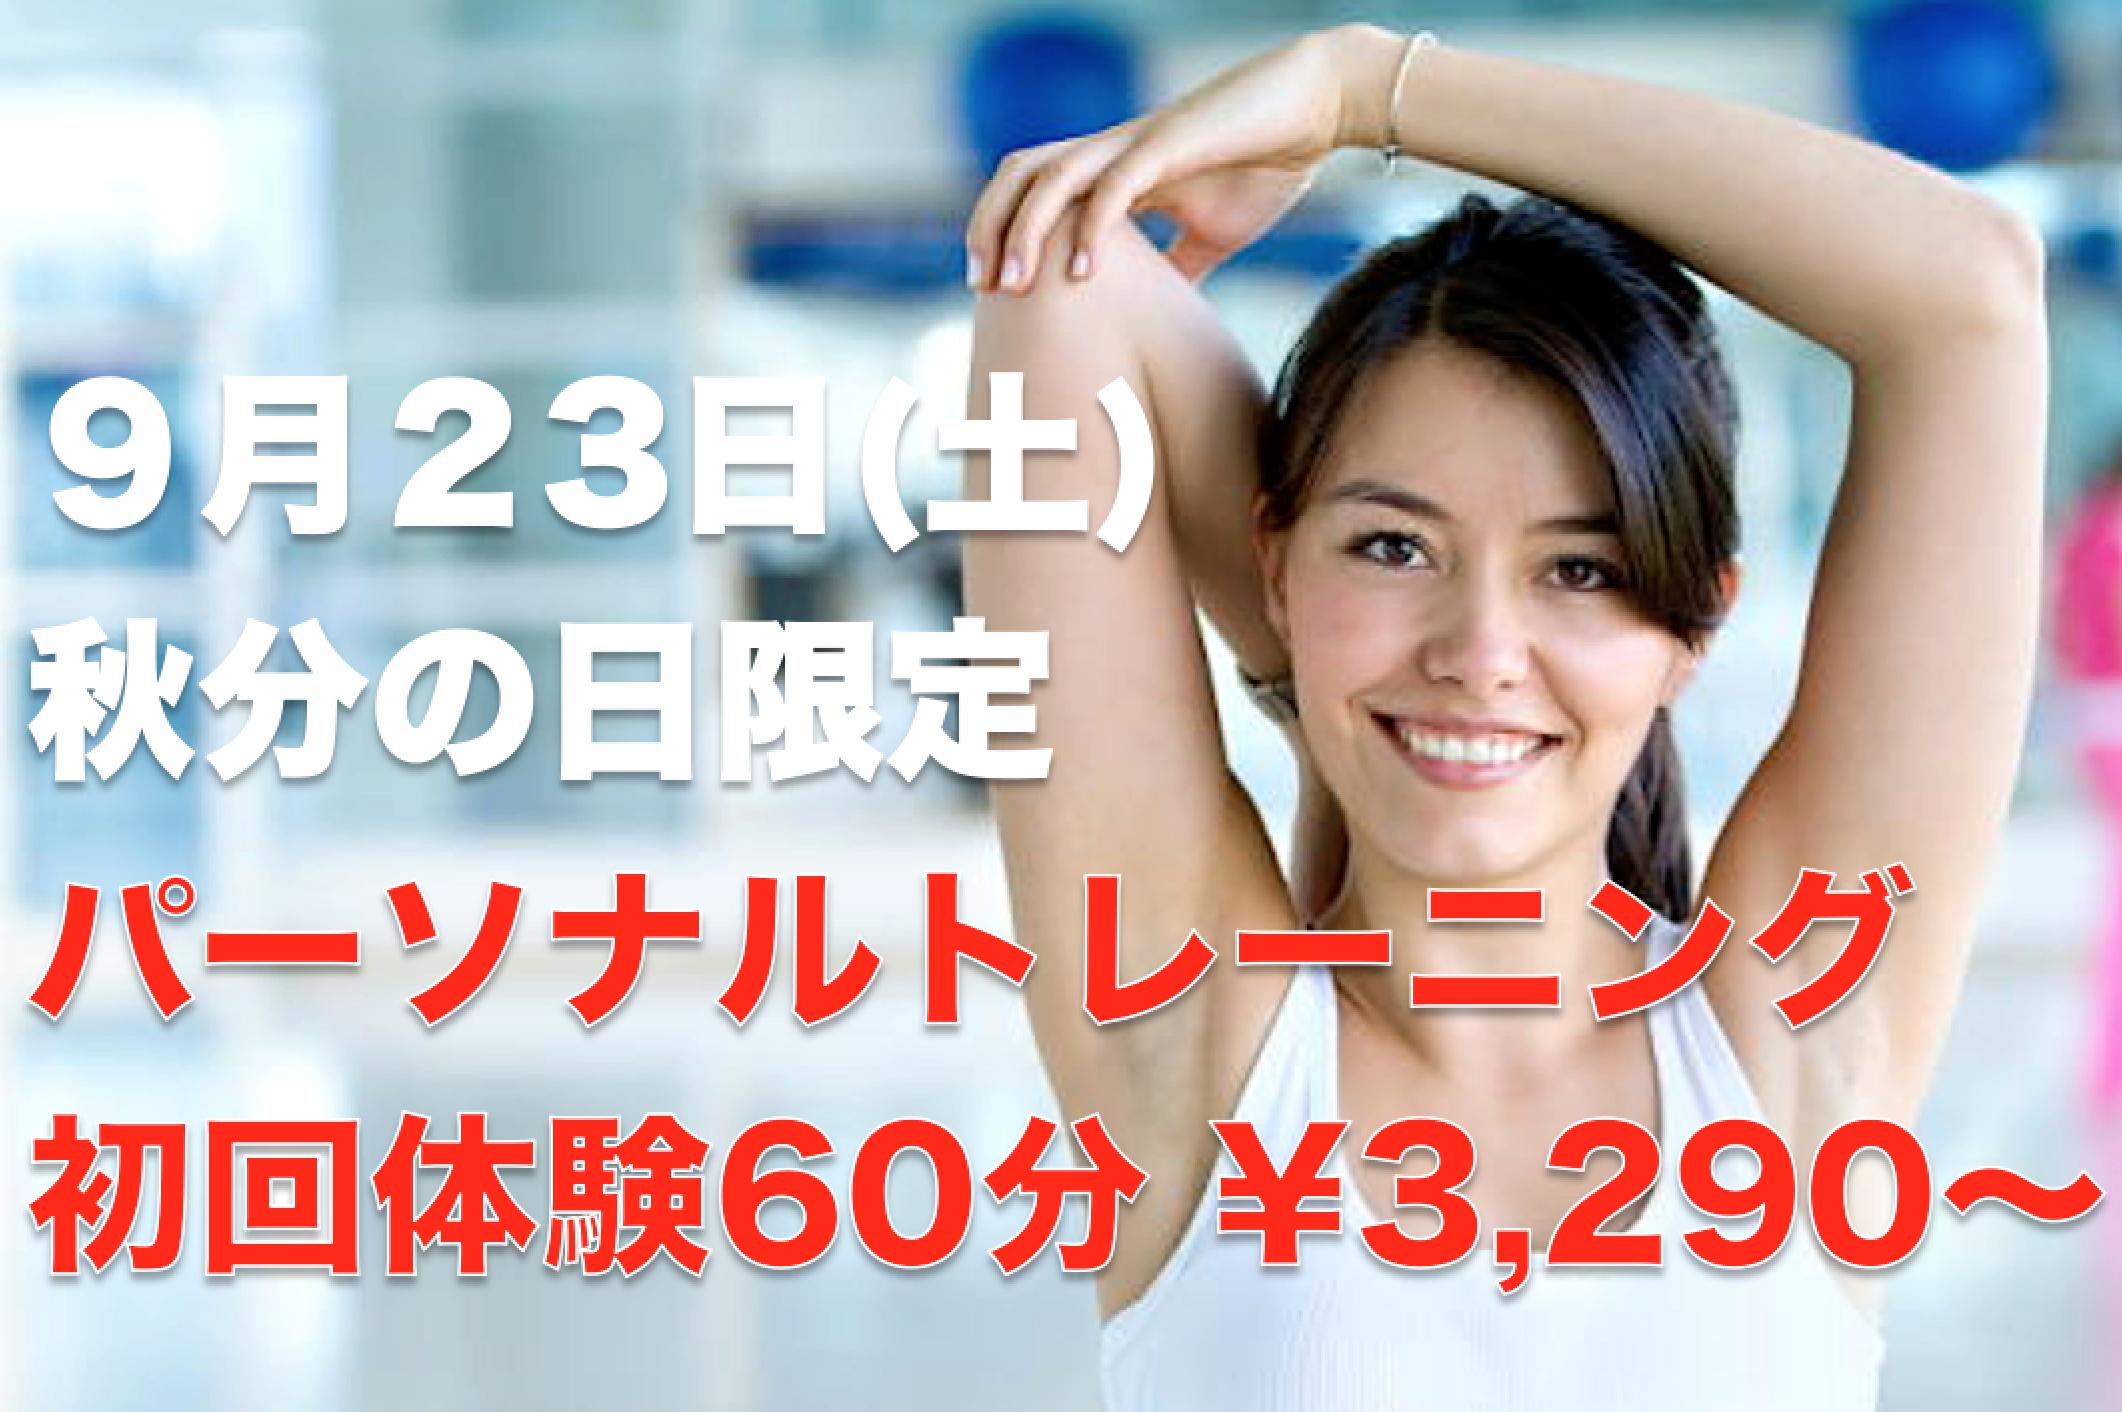 【満員御礼】9月23日(土)秋分の日限定!パーソナルトレーニング60分3,290円で体験しませんか?!